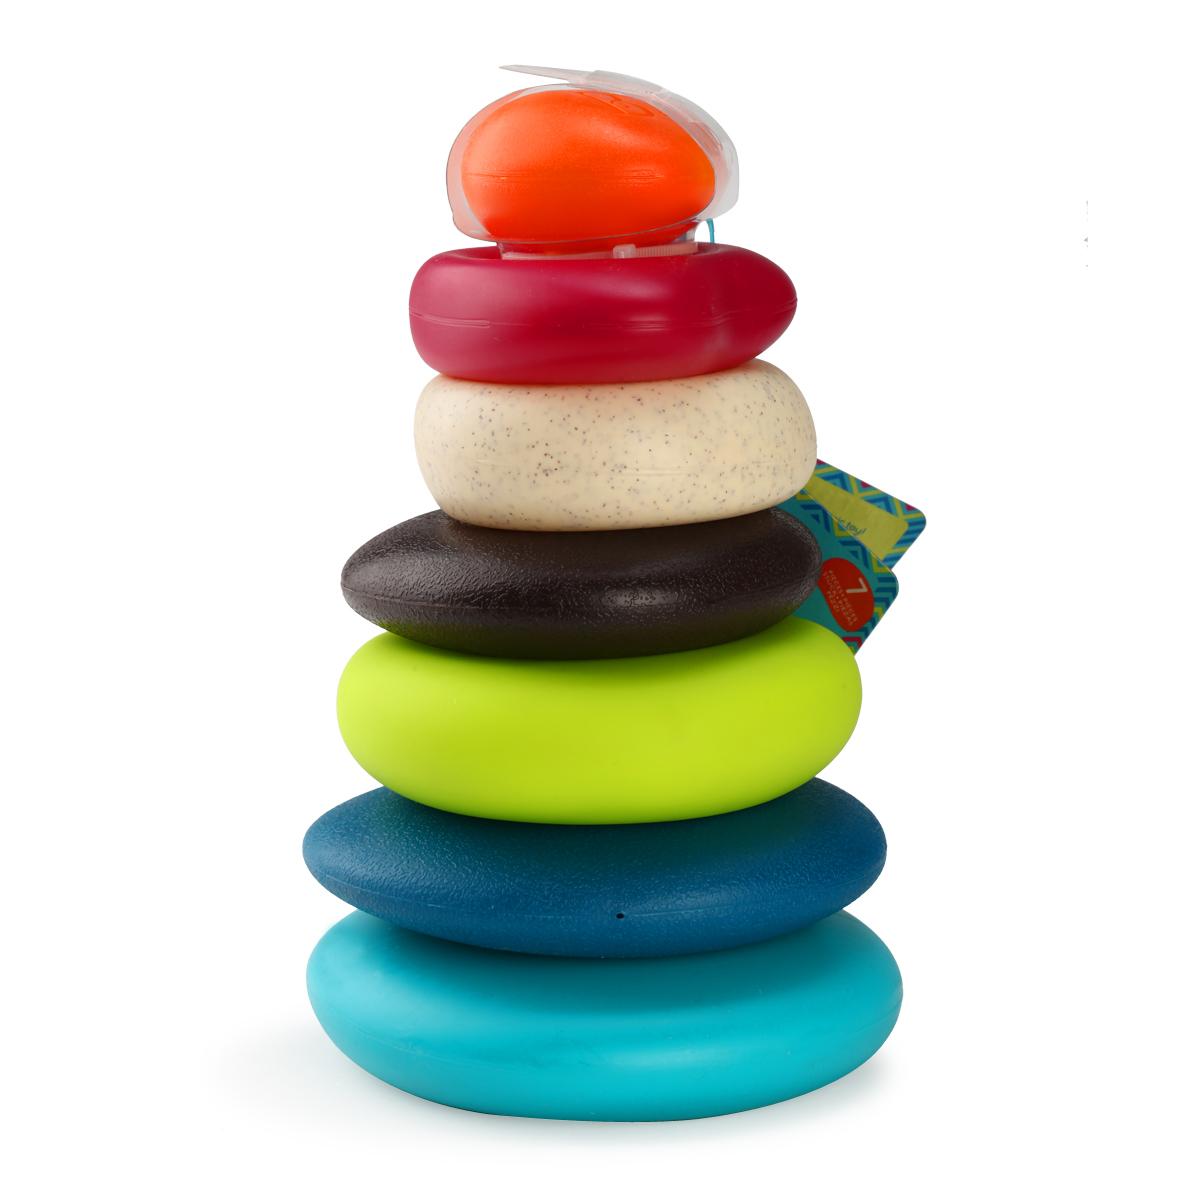 B.toys婴儿叠叠乐益智玩具6个月彩虹圈宝宝七彩叠叠杯+软积木套装